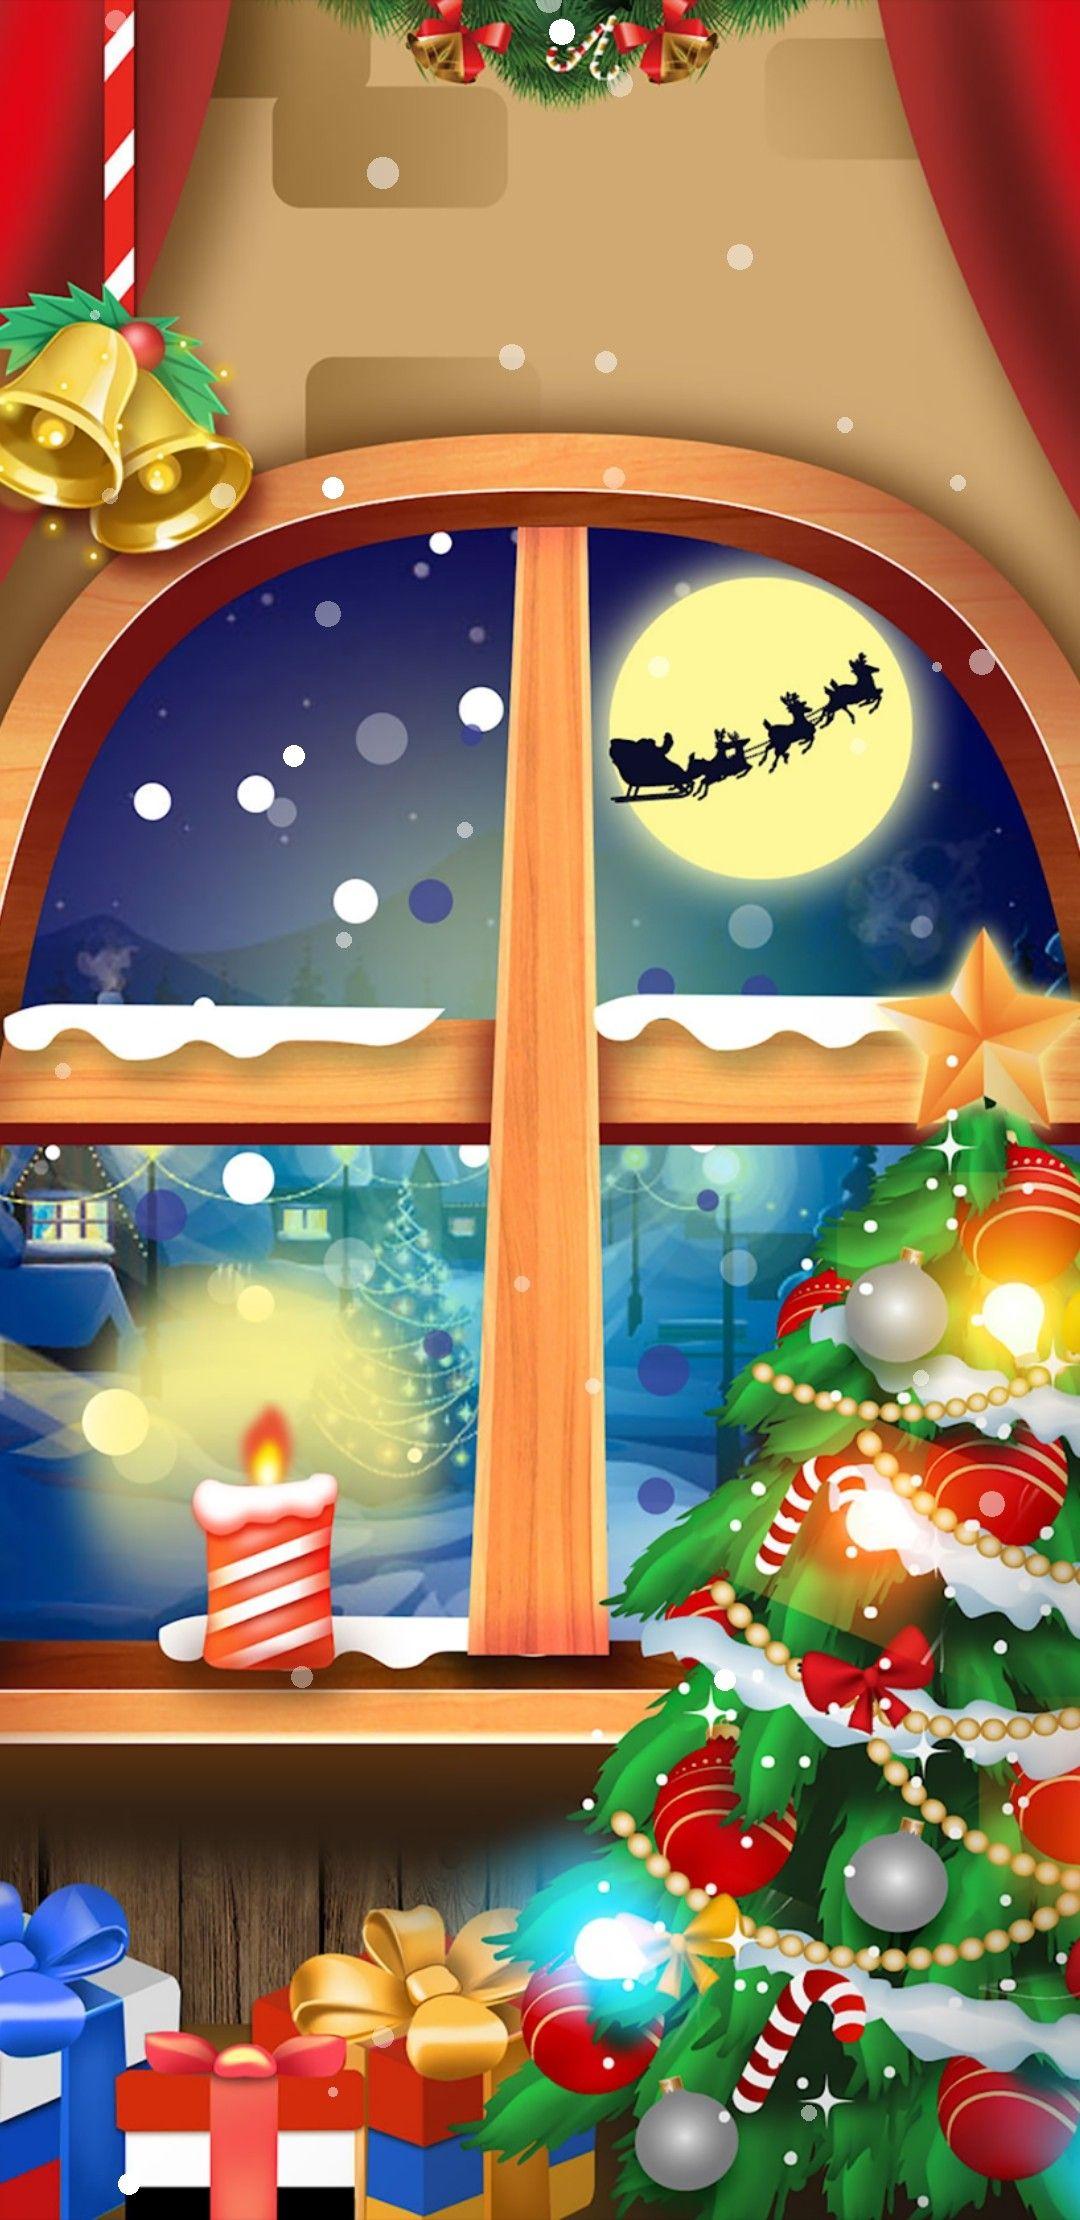 Christmas おしゃれまとめの人気アイデア Pinterest Yume クリスマス